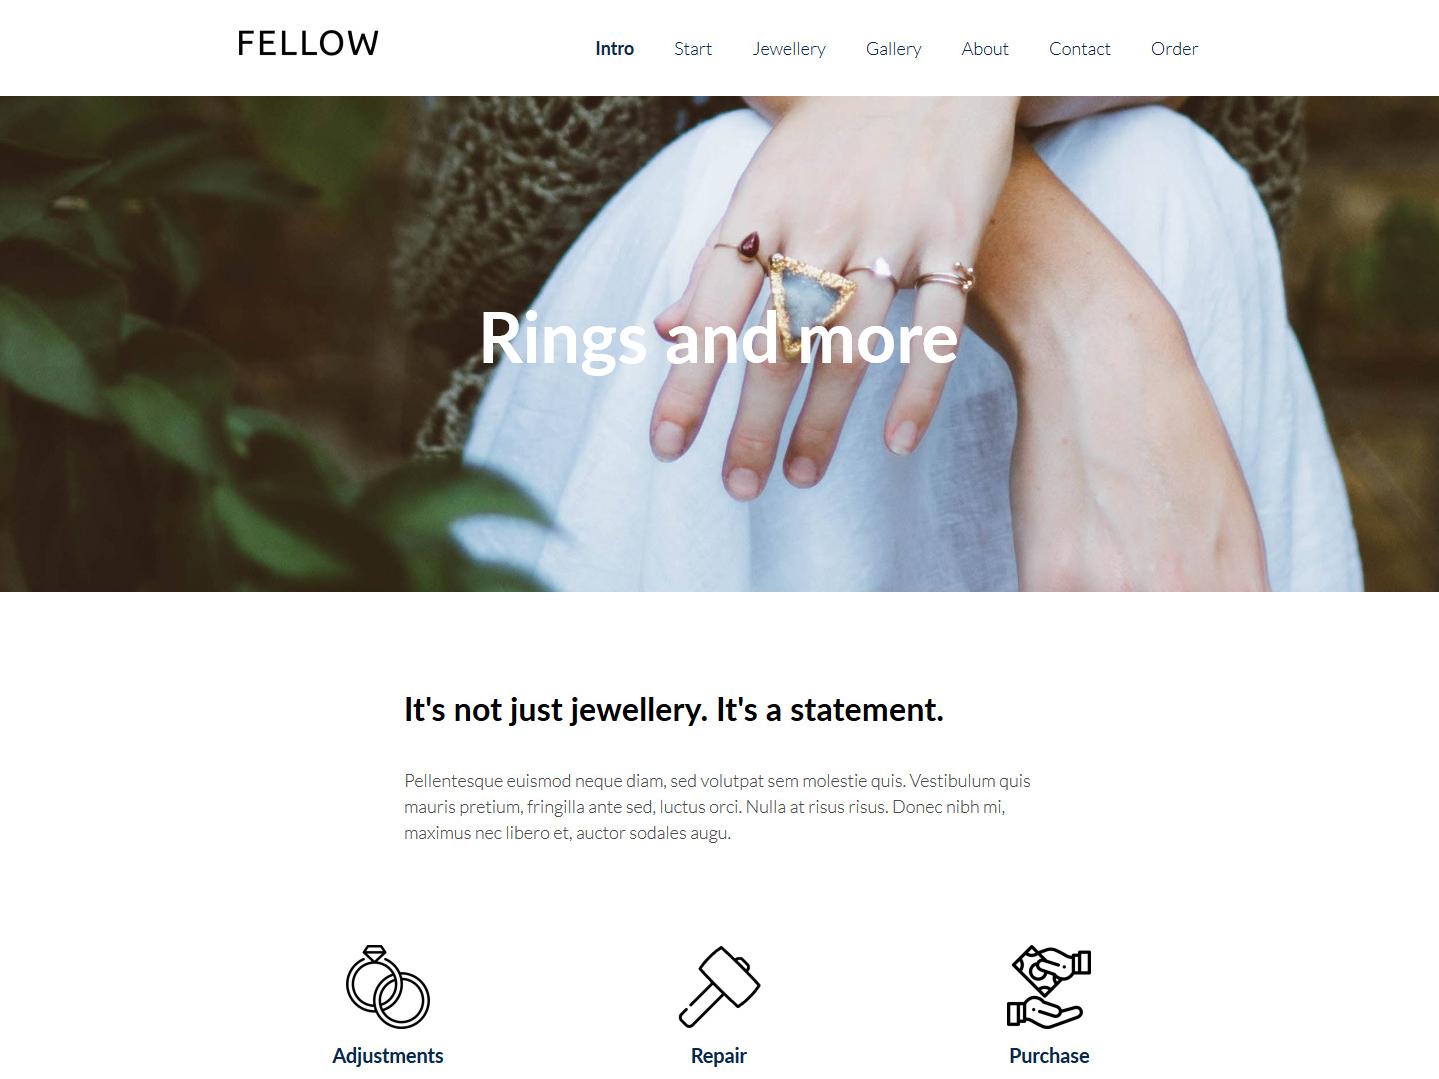 Website-Vorschau »Landingpage« des Templates »Fellow Pro«